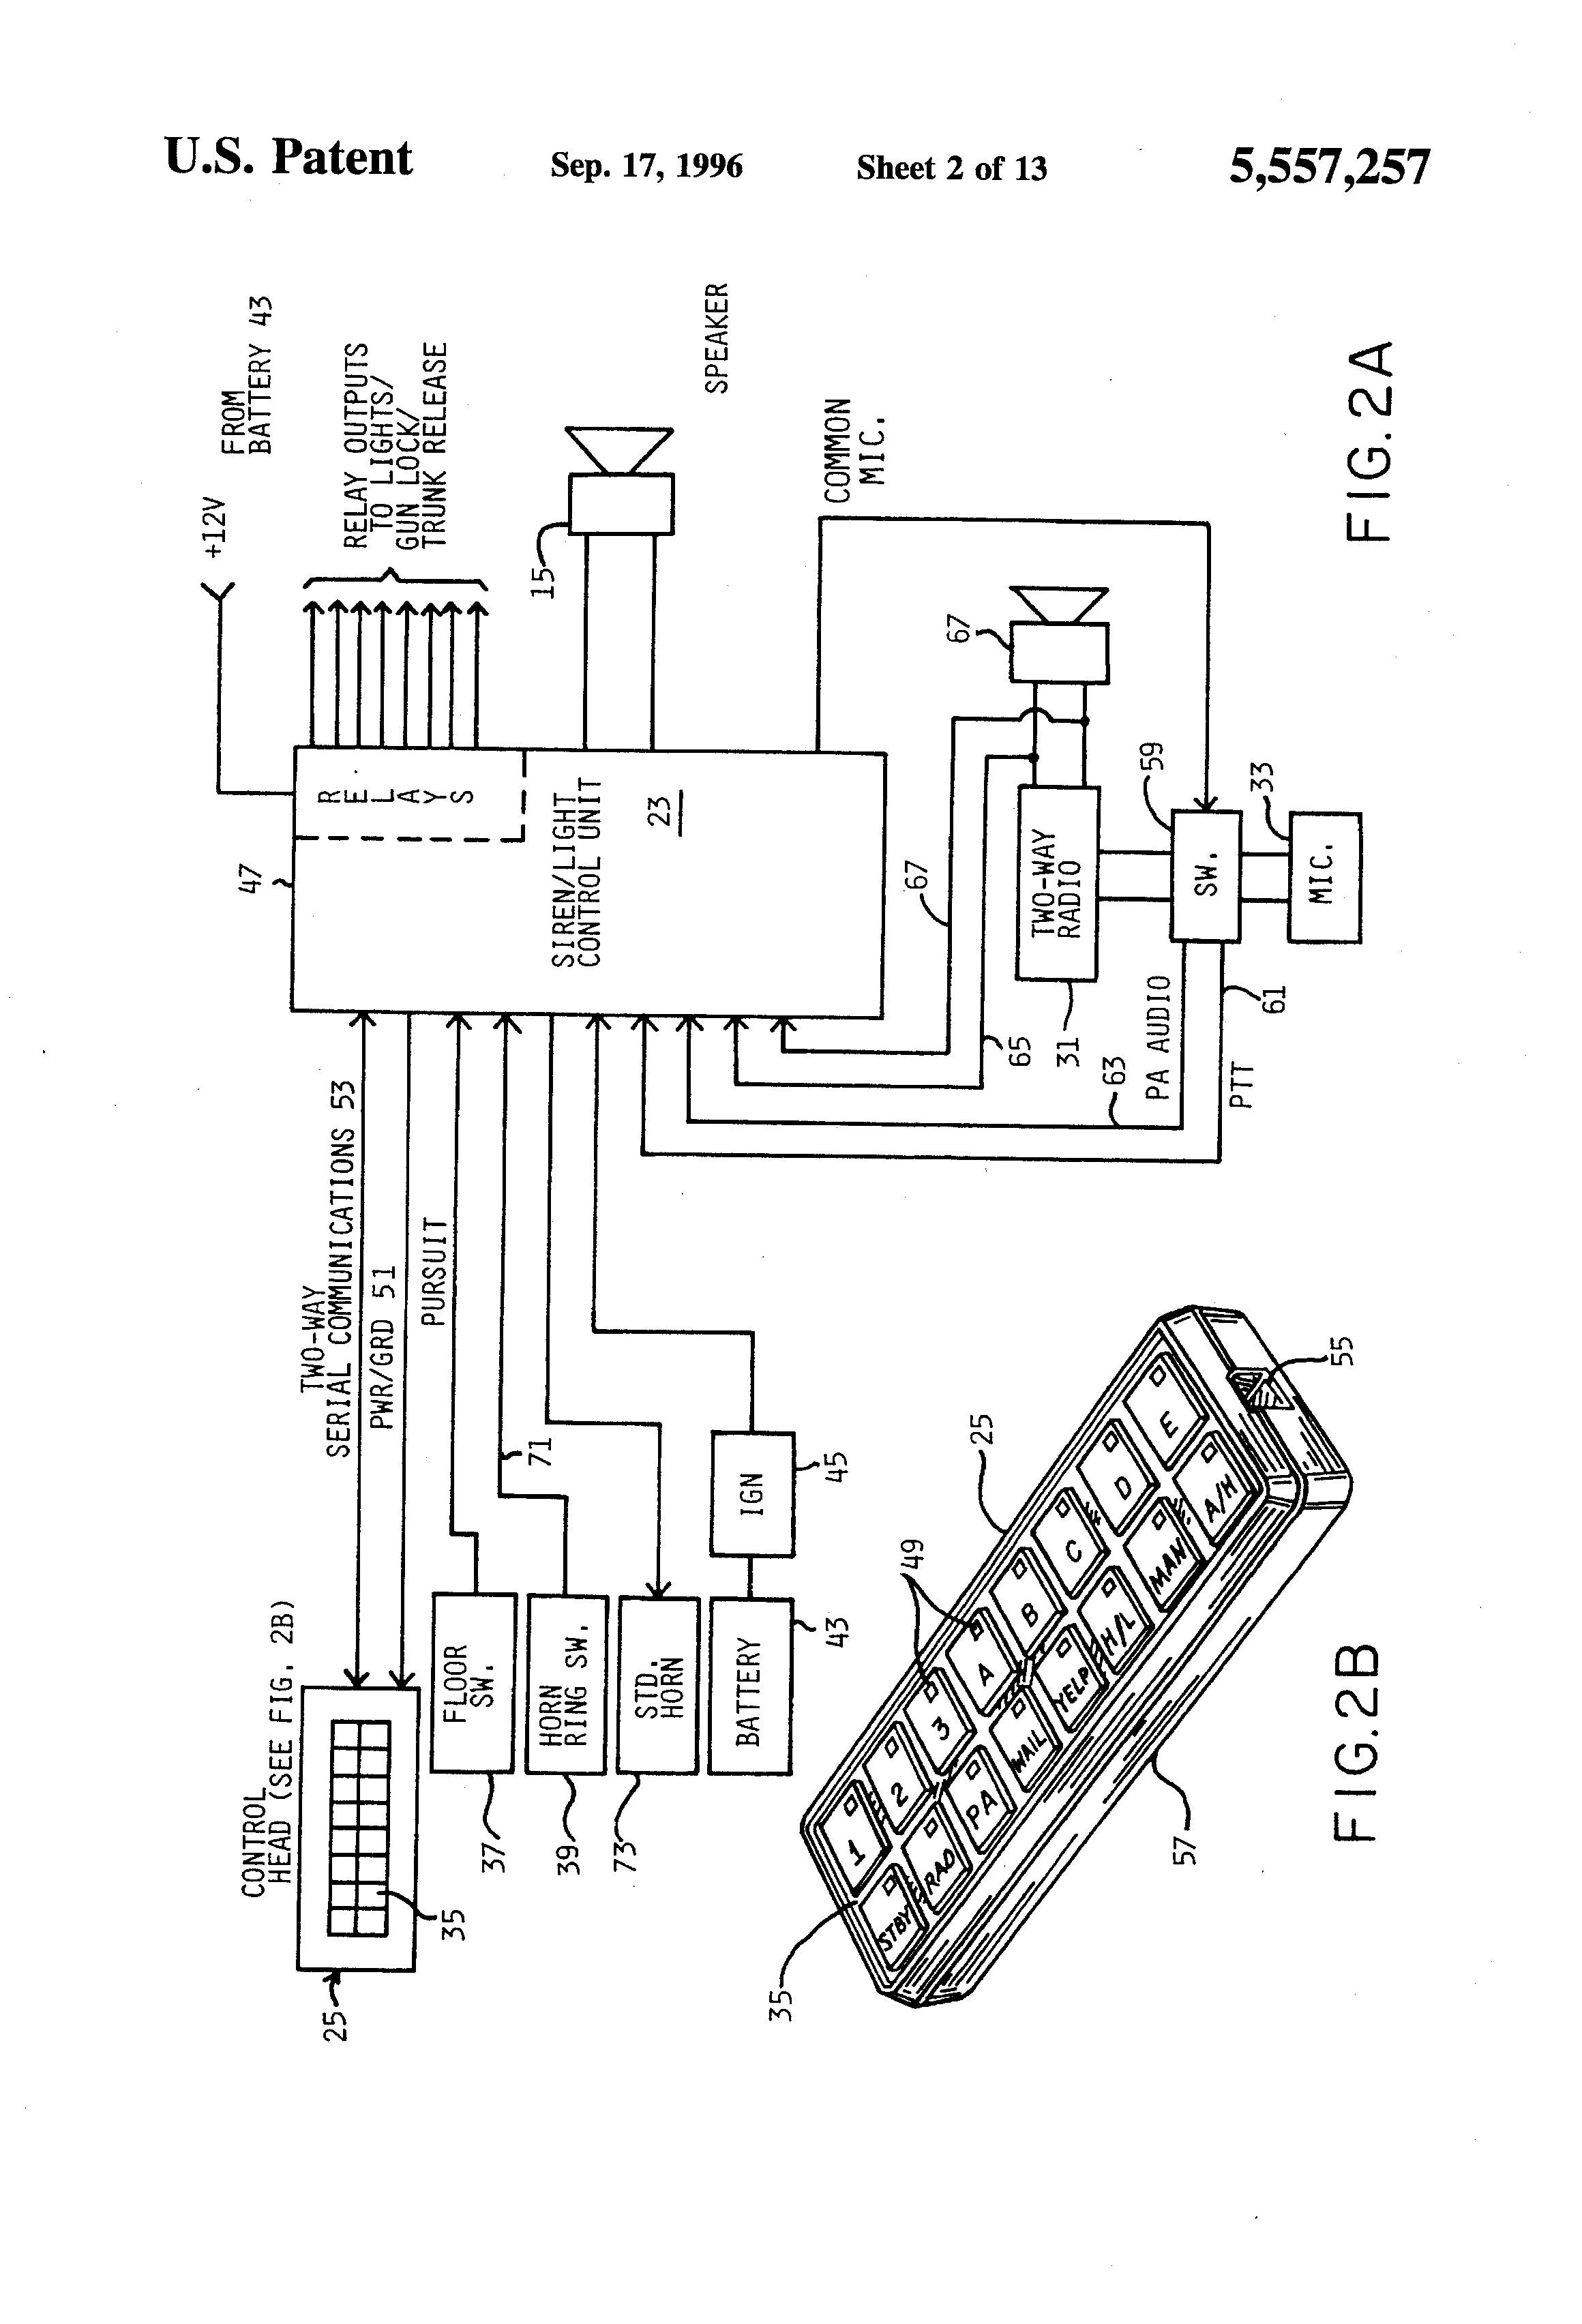 federal pa300 siren wiring diagram mr 7048  pa 300 wiring diagram  mr 7048  pa 300 wiring diagram